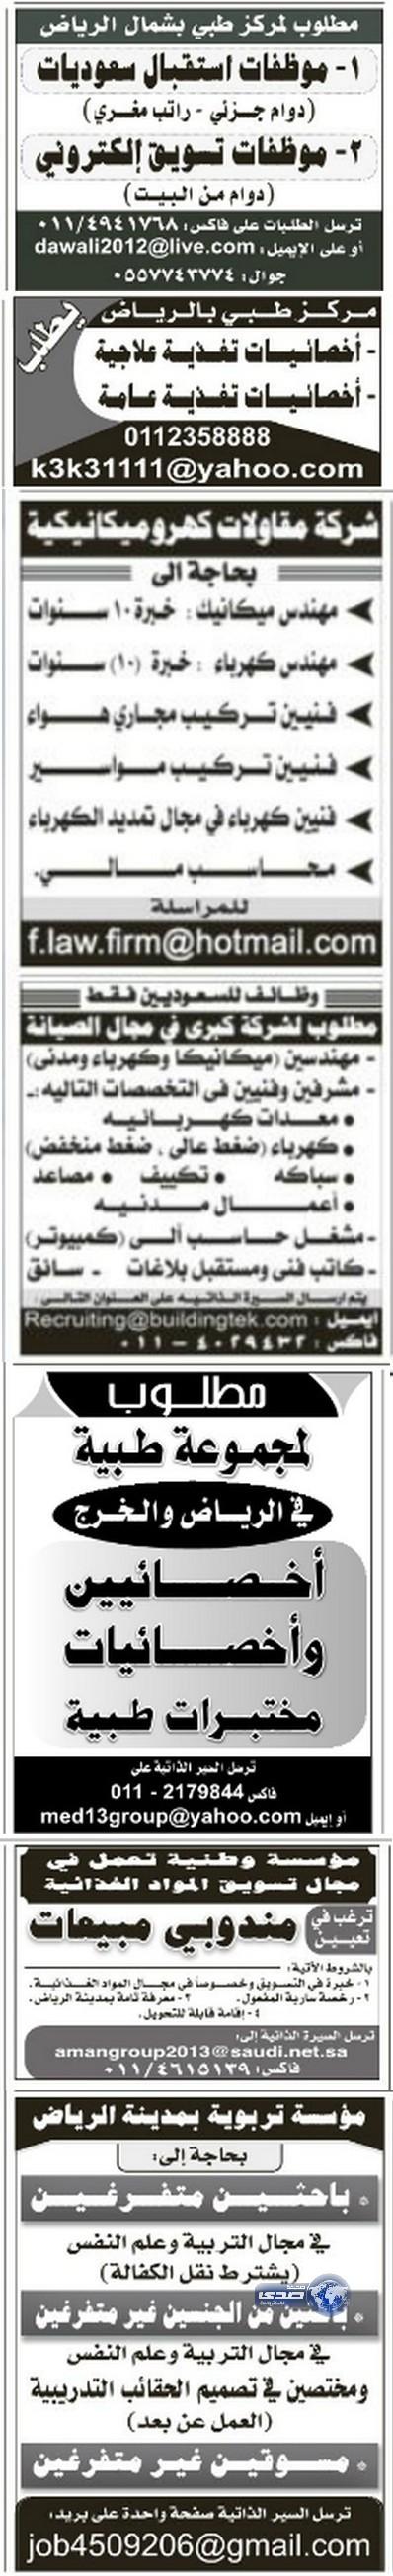 وظائف نسائية اليوم 19-5-1435 ، وظائف بنات الخميس 20-3-2014